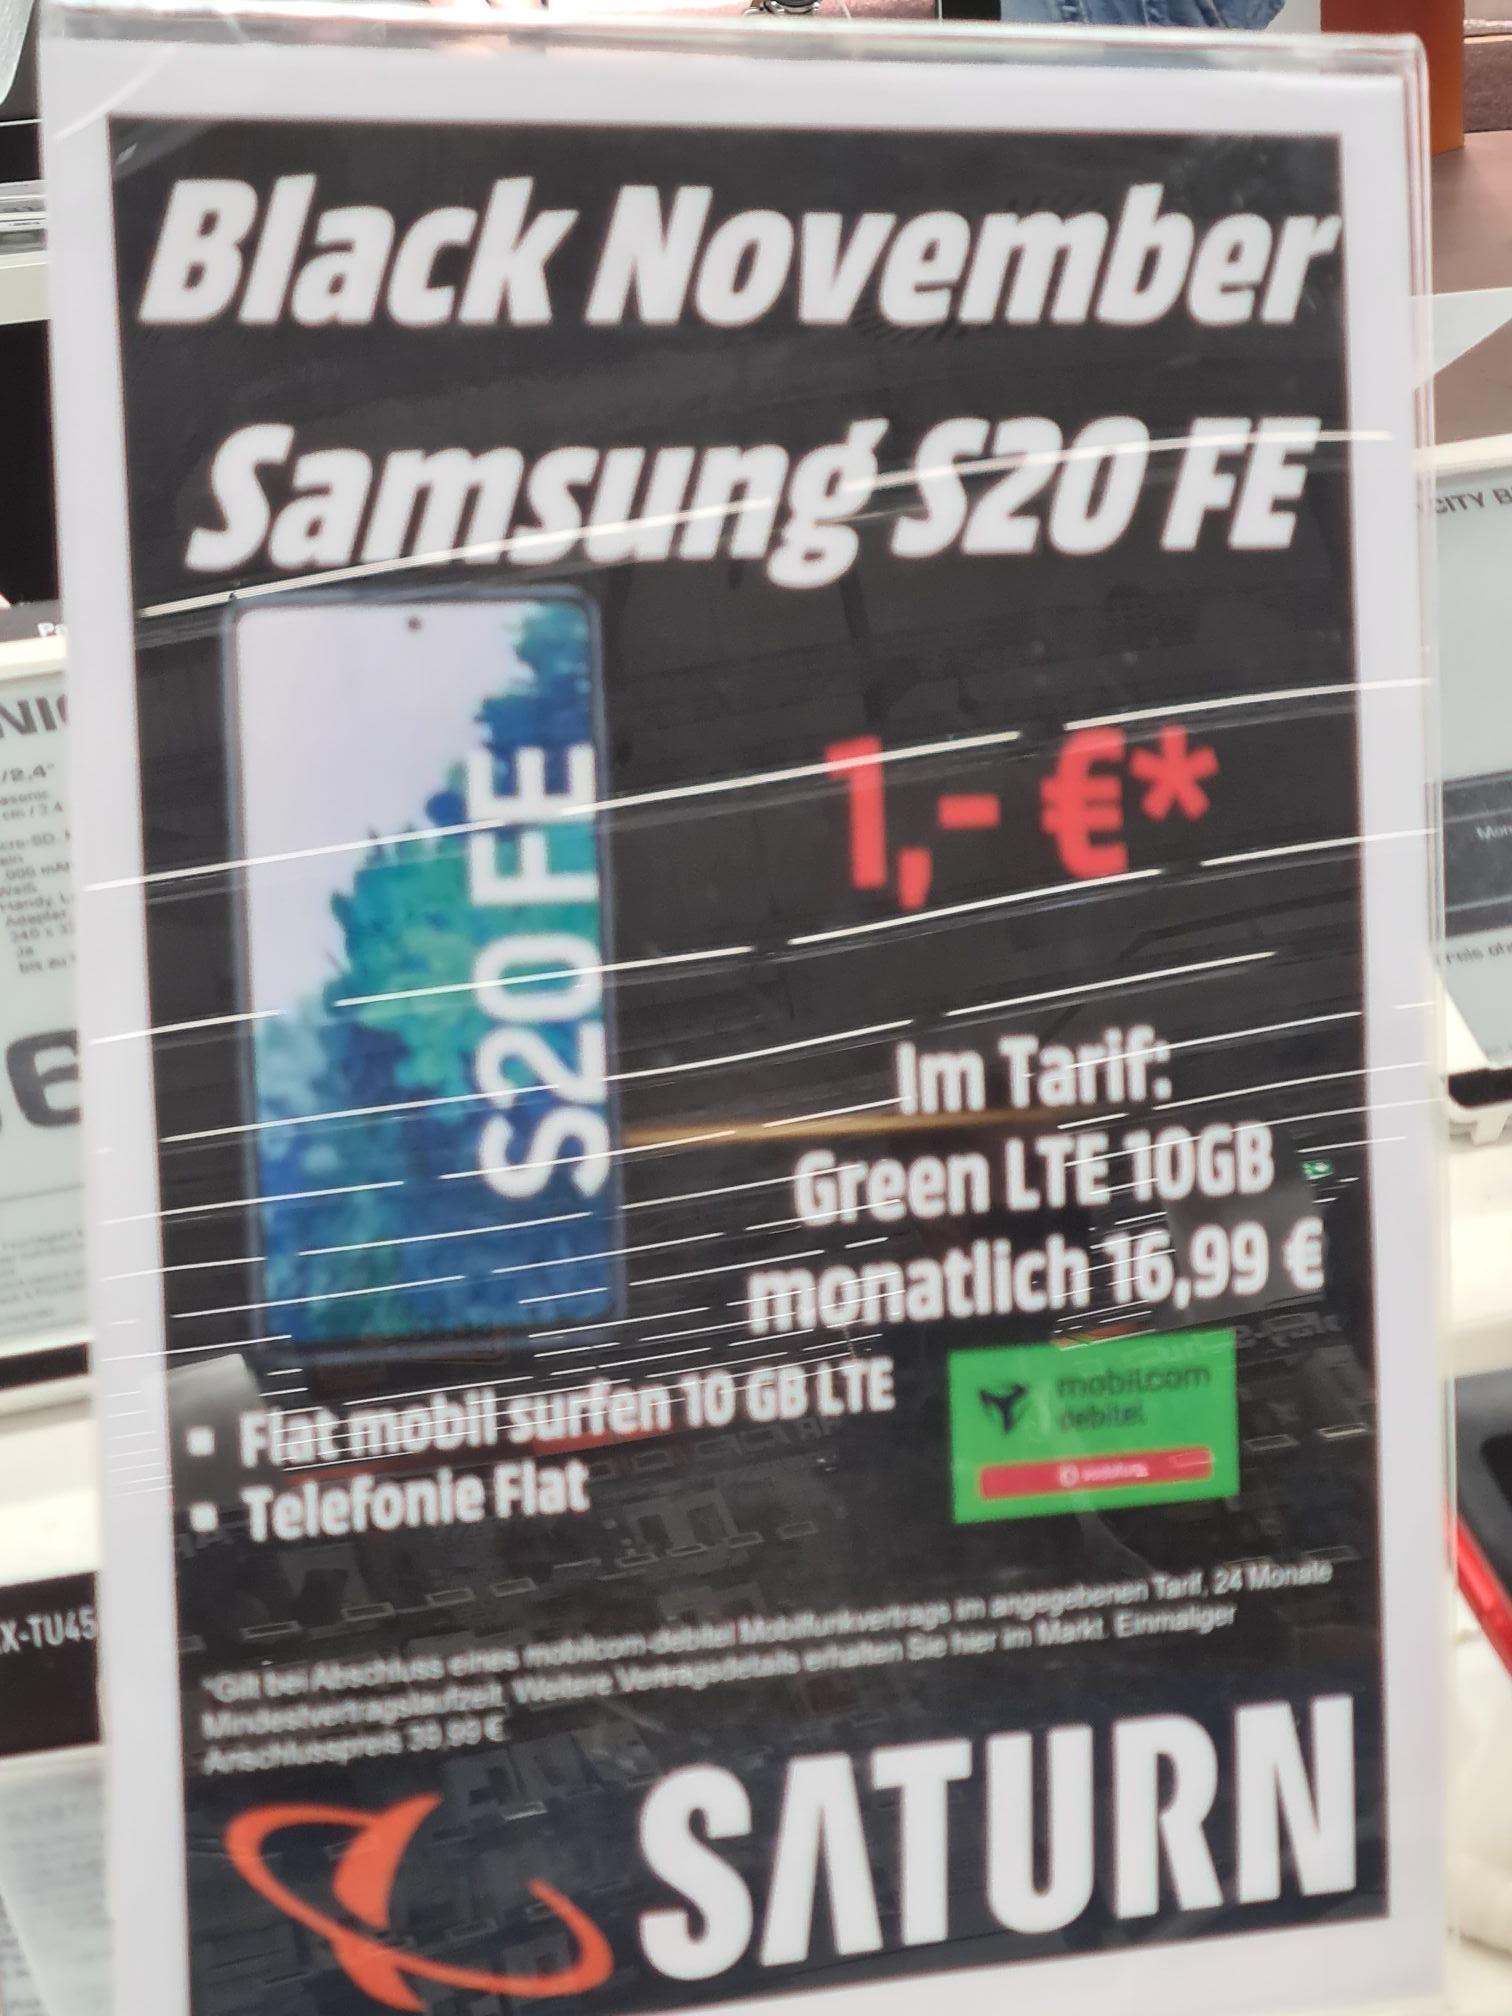 (Saturn Leverkusen) S20 FE 10GB LTE Mobilcom Allnet Vodafone insgesamt für 448,75 Euro